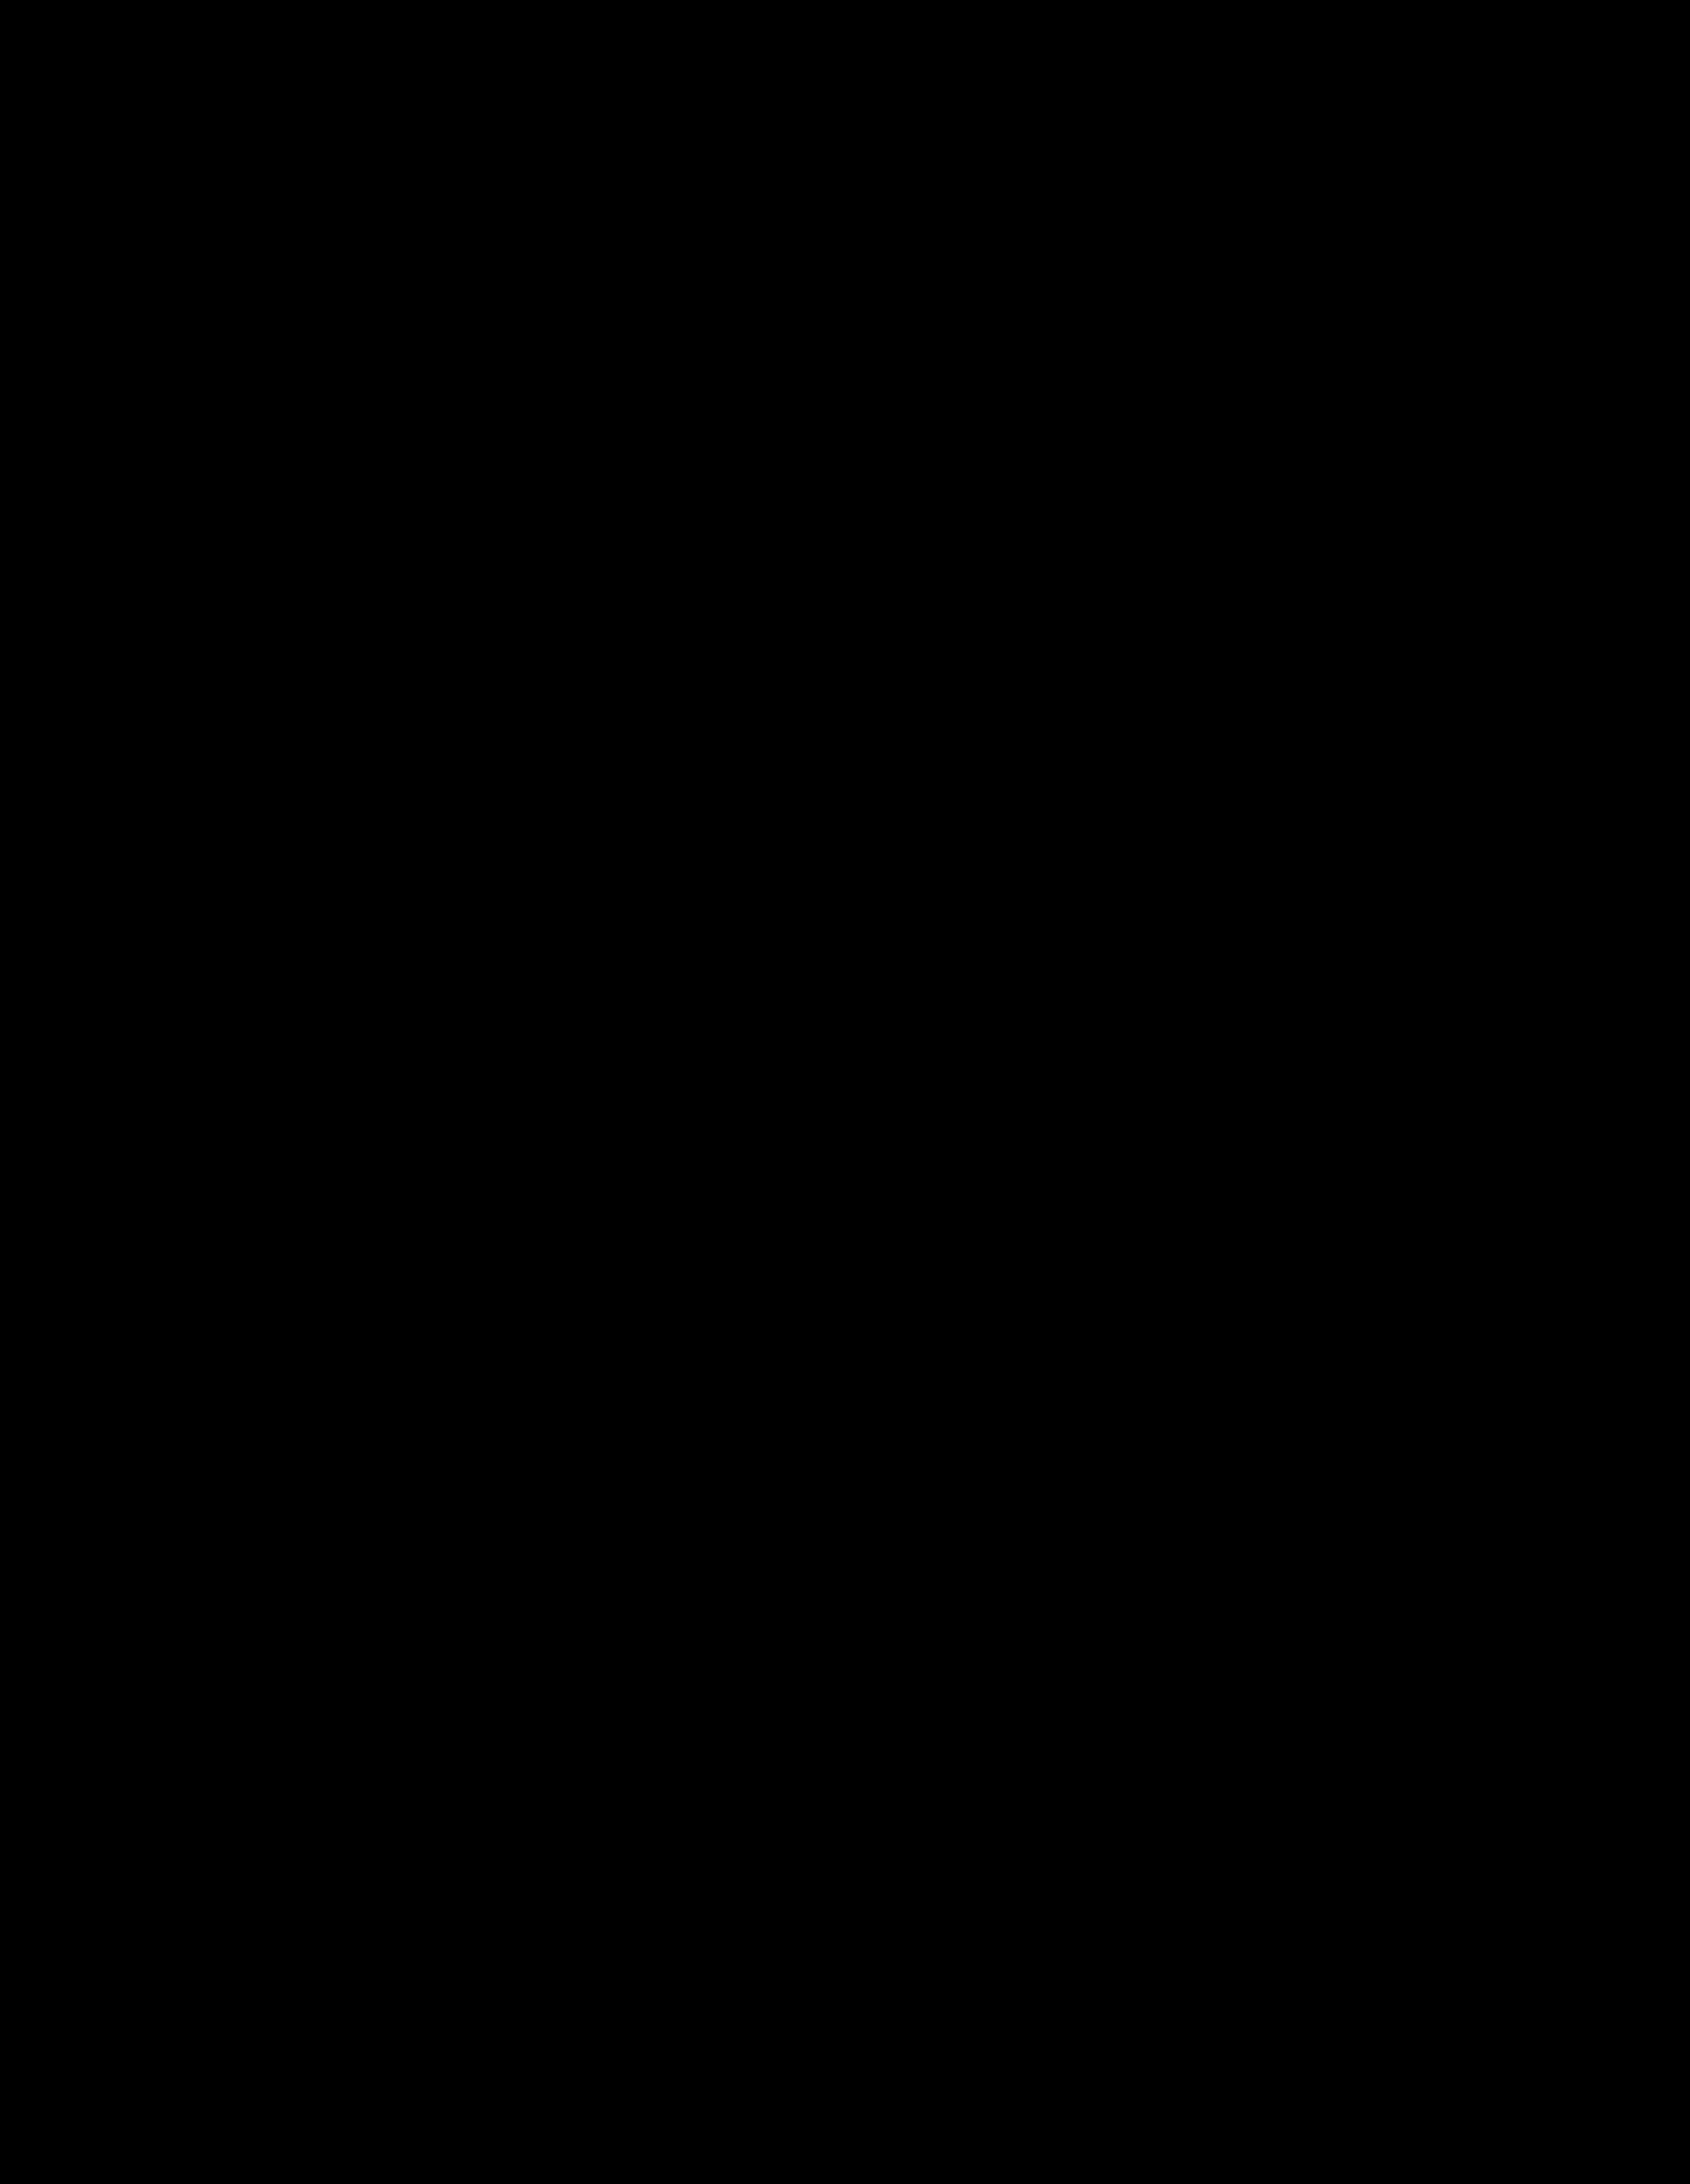 Niccolo Paganini: Caprice No. 21